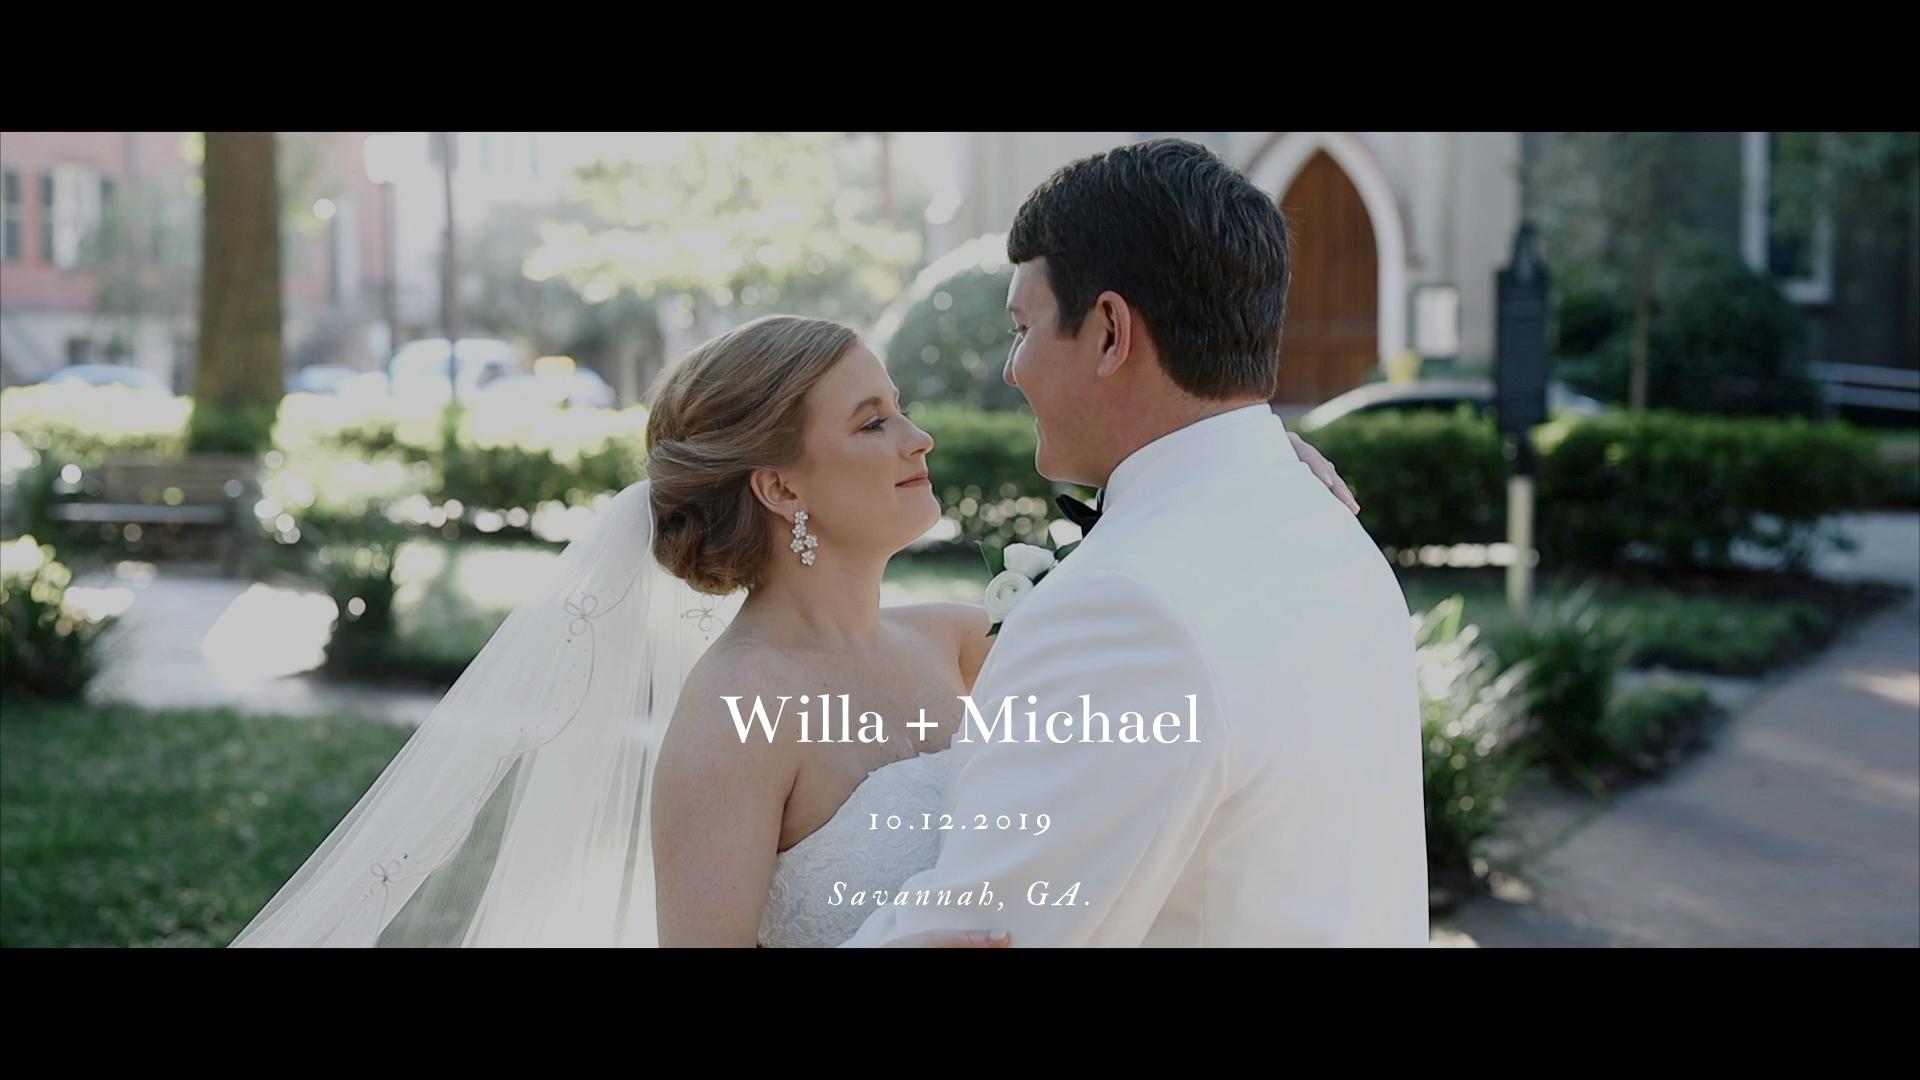 Willa + Michael | Savannah, Georgia | Savannah Golf Club